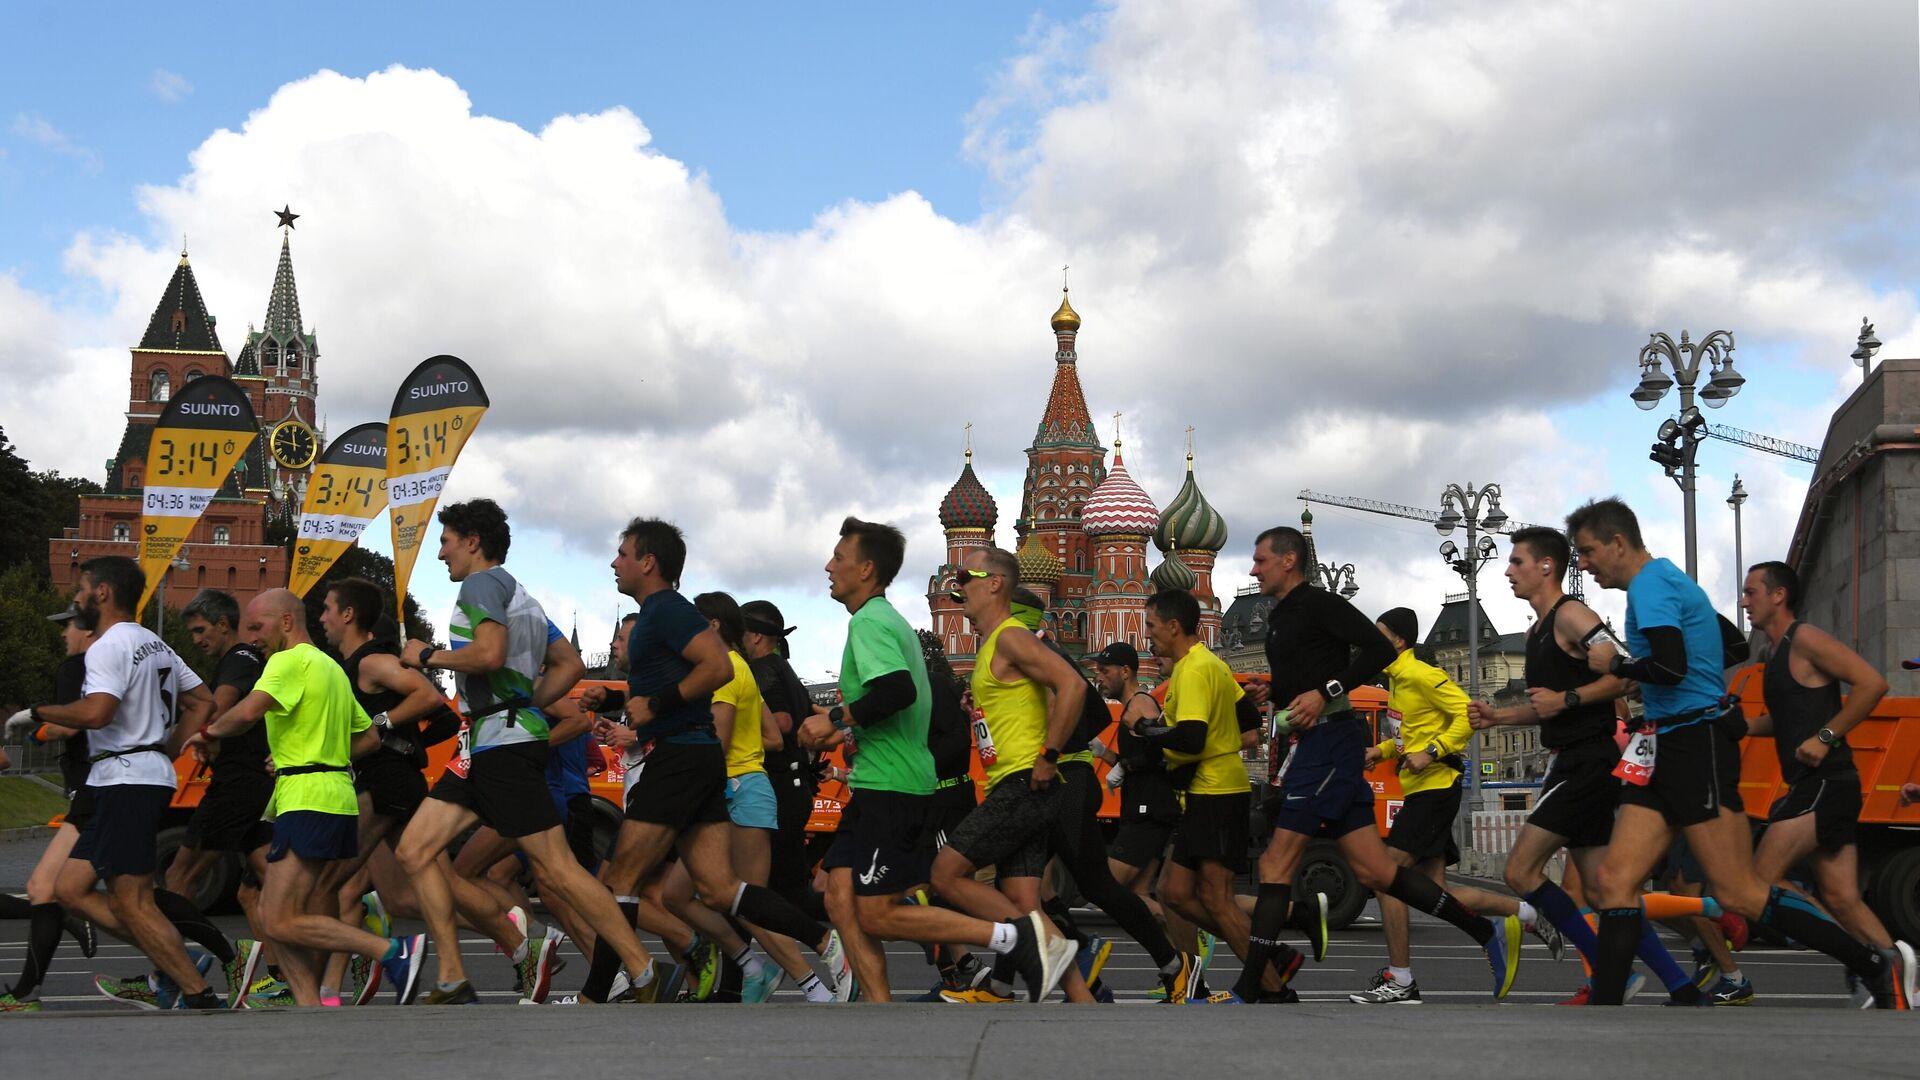 Участники на дистанции Московского марафона - 2020 - РИА Новости, 1920, 20.09.2020